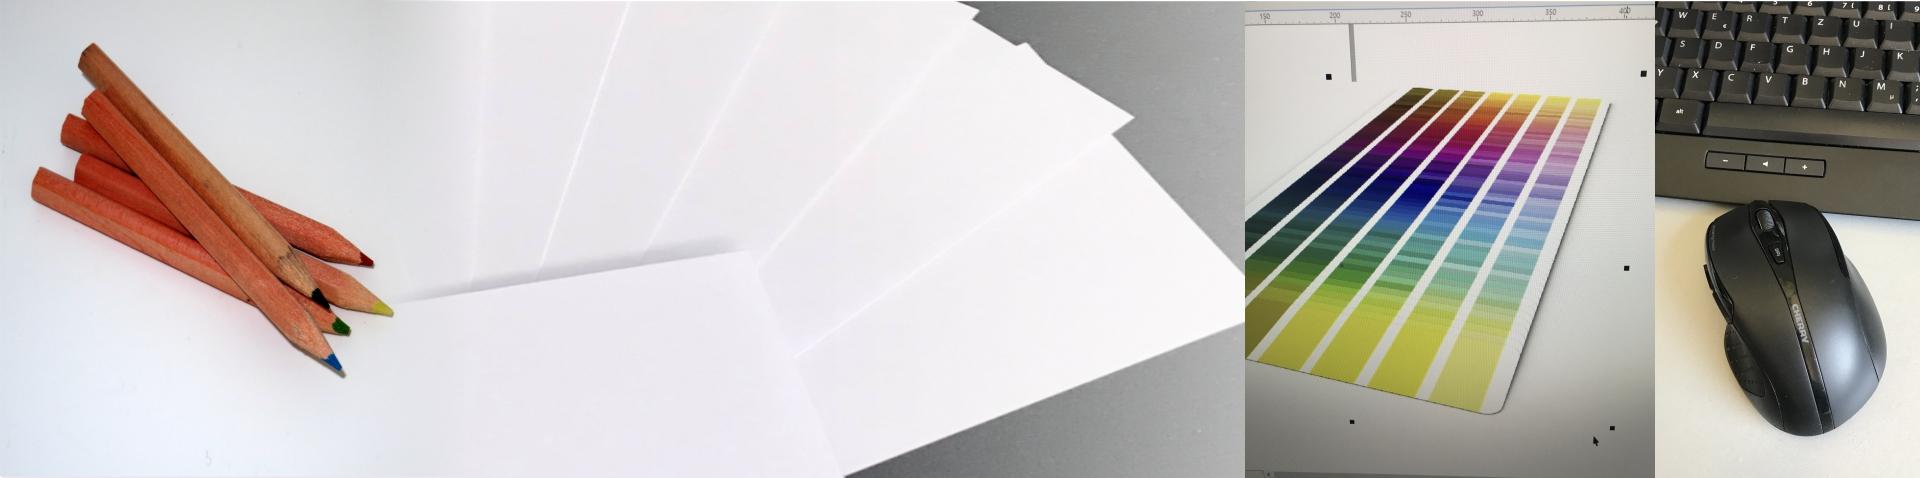 Gestaltung und Design von Flyern, Plakaten, Karten und mehr.